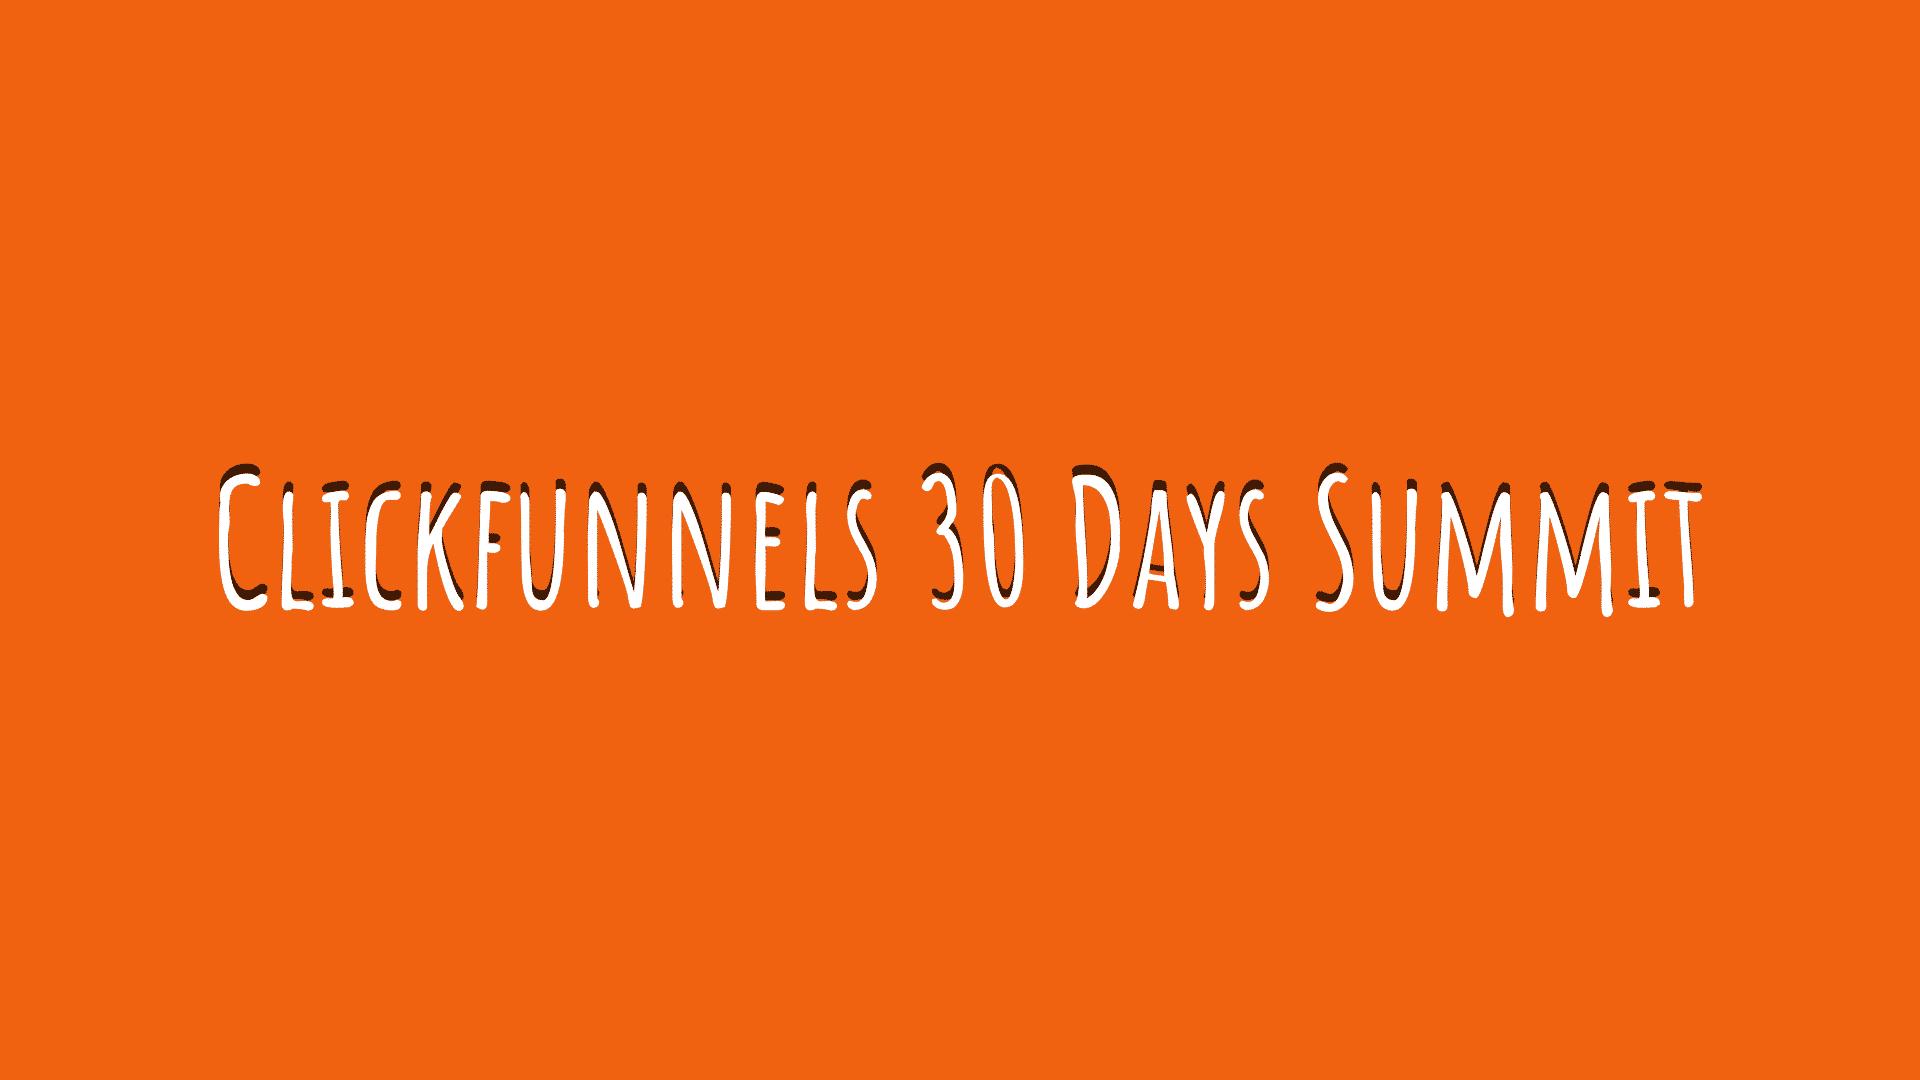 Clickfunnels 30 Days Summit